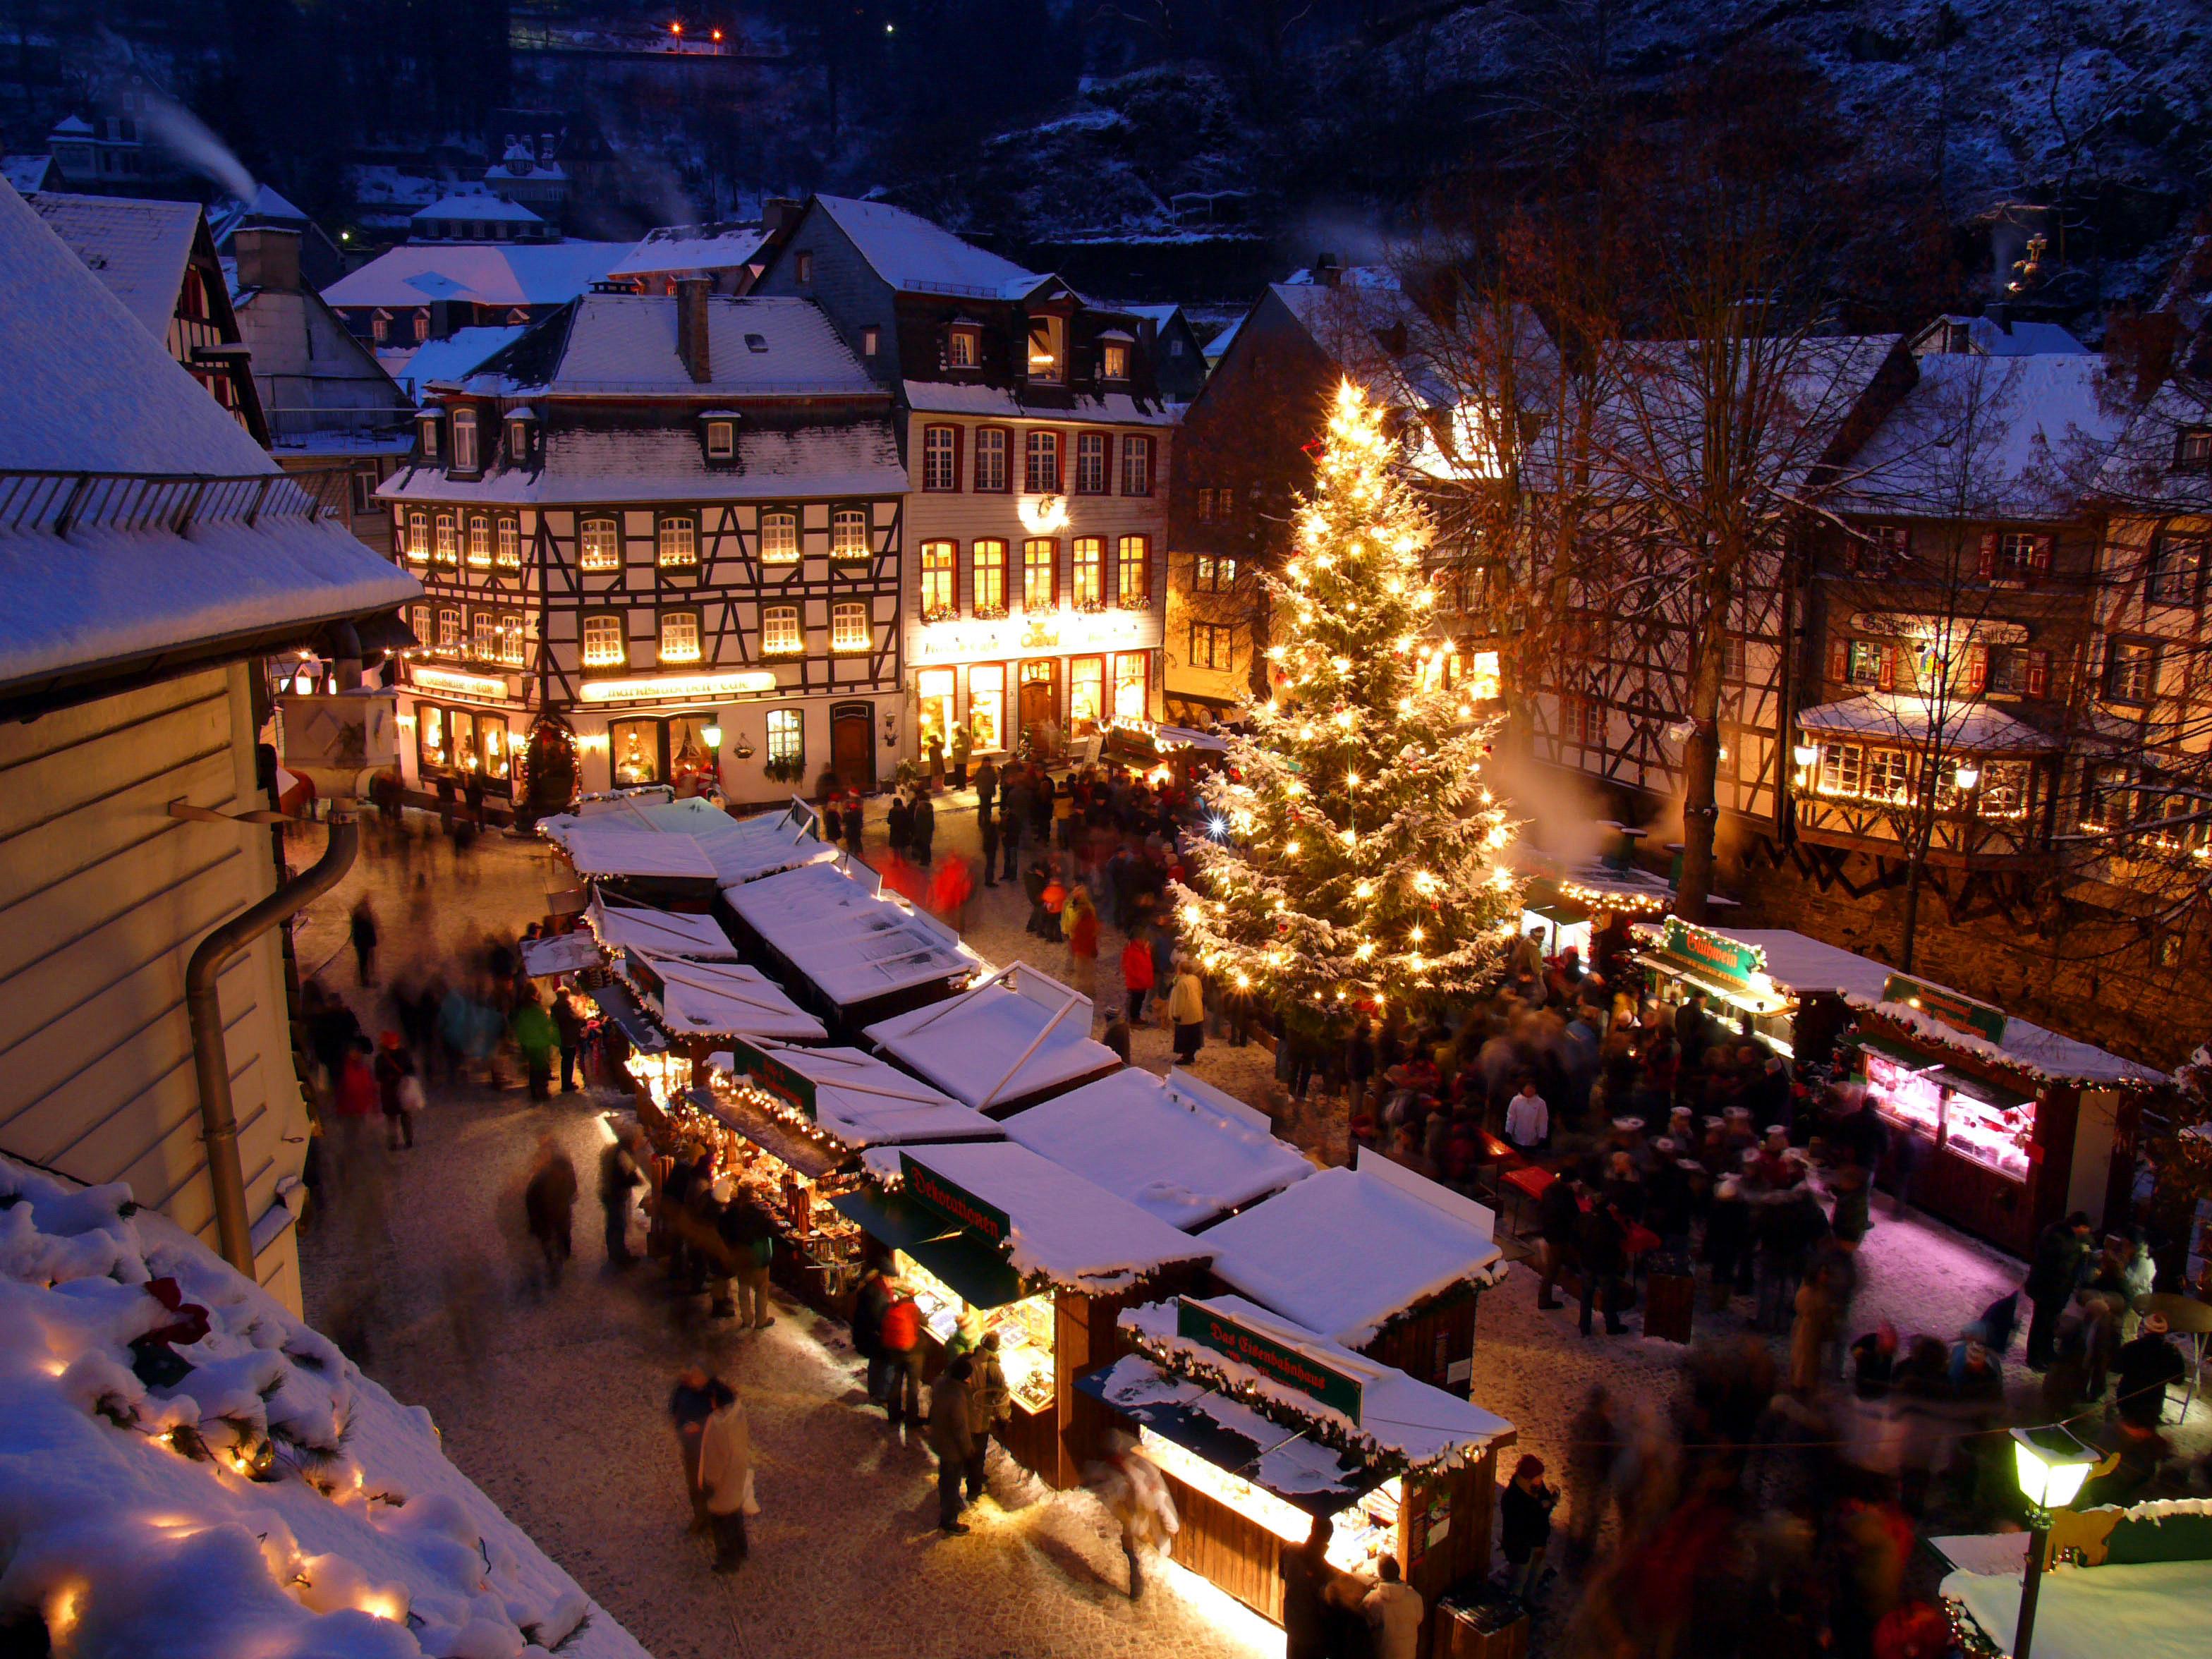 Weihnachtsmarkt Waren 2019.Weihnachtsmärkte In Der Region Aachen50plus De